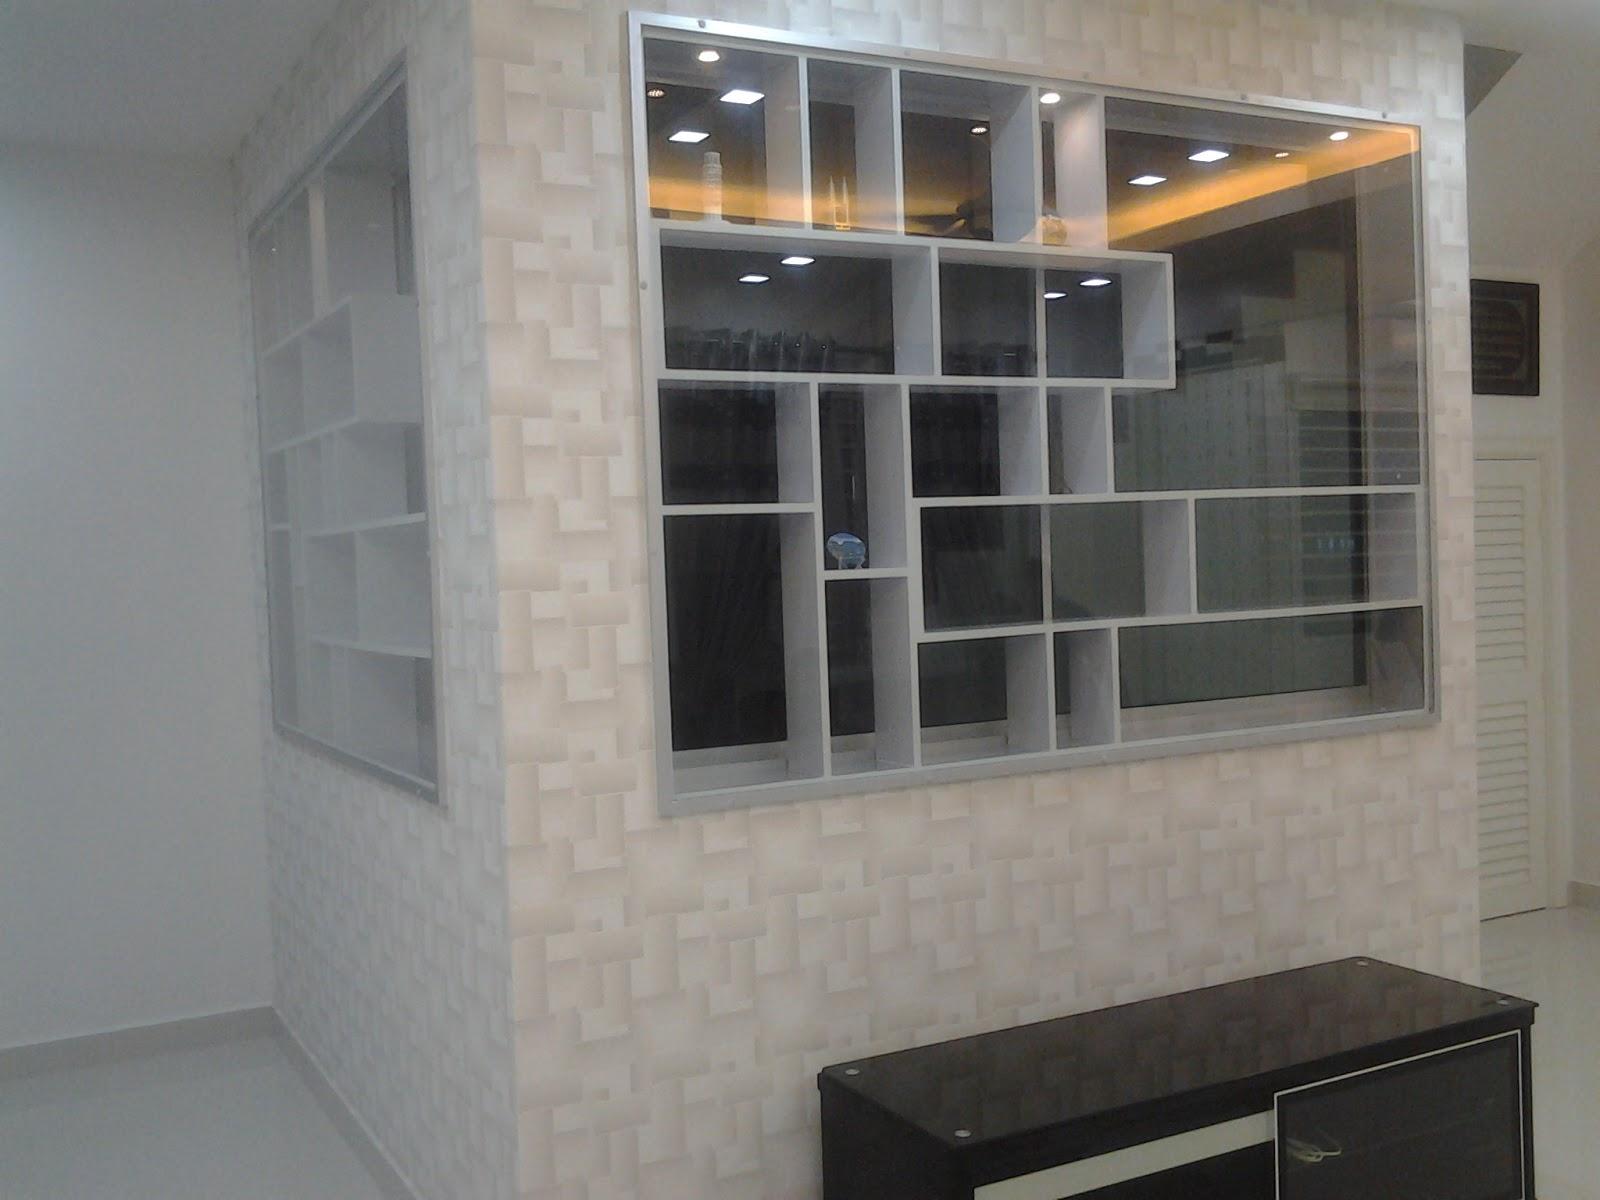 Repair Sofa Shah Alam Curved Conversational Sofas Wallpaper Toke Restauran Baiti Jannati Deco